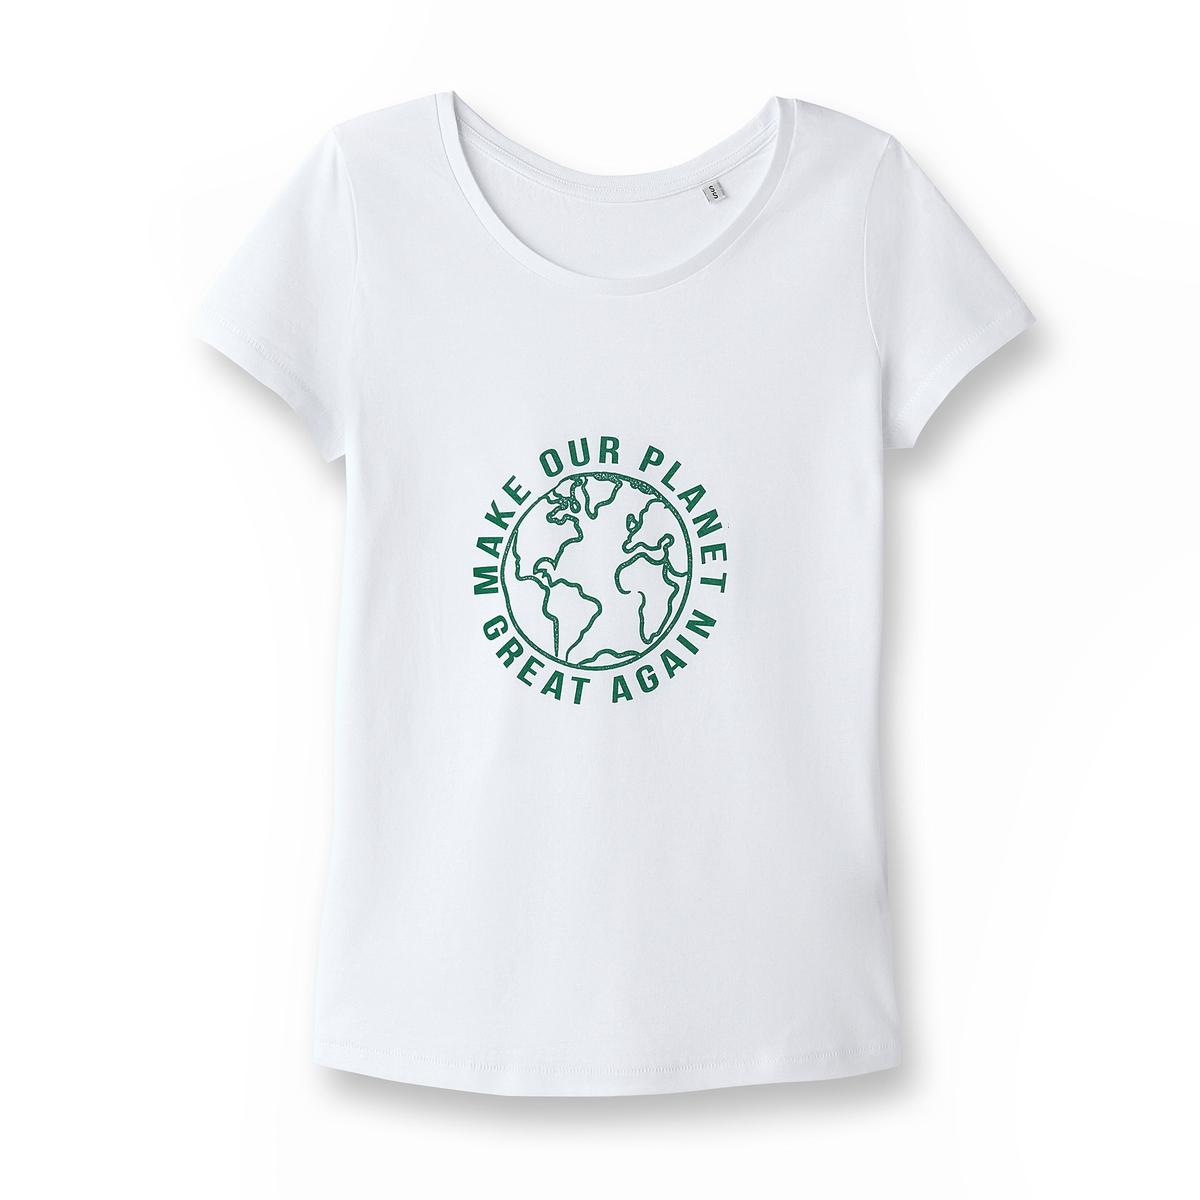 Футболка из биохлопкаЗа каждую проданную футболку, La Redoute перечисляет 1€ Envol'Vert..Также собранная сумма позволит участвовать в проекте озеленения леса в Колумбии. .                          Более подробно : http://envol-vert.org/projets/restauration-forestiere-et-noyer-maya/                 Состав и описаниеМатериал:100% био-хлопокМарка: La Redoute Collections совместно с Envol'Vert             Уход:             Стирать при 30° с изделиями схожих цветов             Отбеливание запрещено             Гладить при умеренной температуре             Сухая (химическая) чистка запрещена             Машинная сушка запрещена                          Преимущества : Био-продукт.             Выращенный без использования пестицидов и химических удобрений био-хлопок изготовлен с заботой о почве, воде и людях, возделывающих его.             Мы заботимся о сохранении окружающей среды и здоровья людей.<br><br>Цвет: белый,серый меланж<br>Размер: L.S.M.S